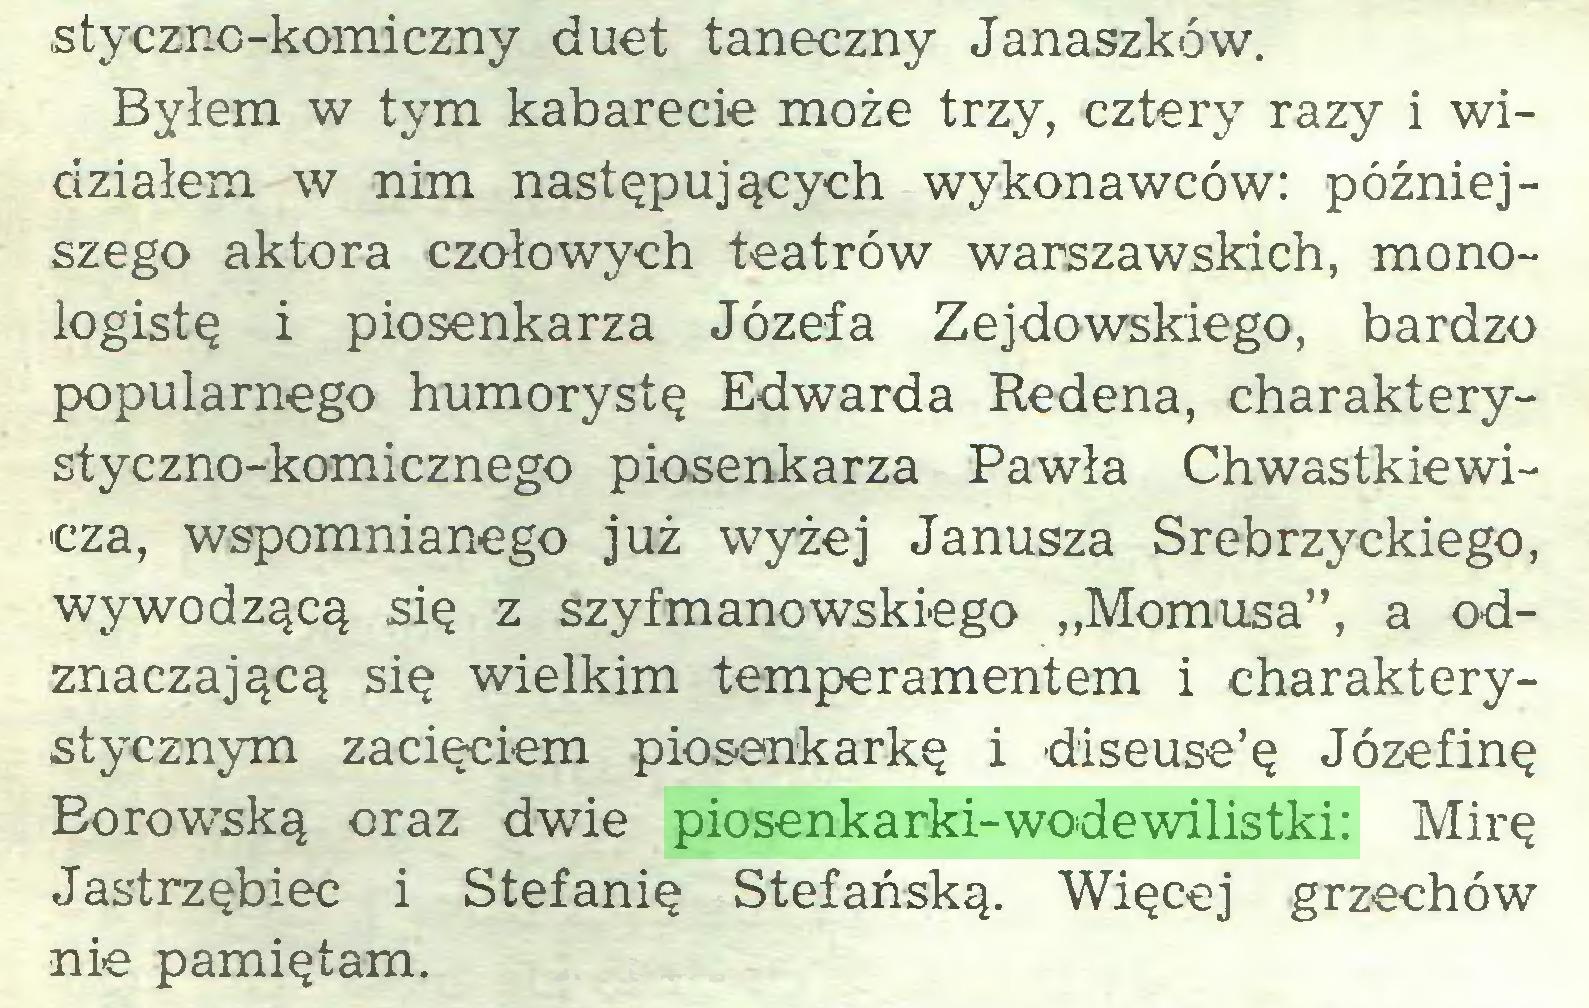 """(...) stycznc-komiczny duet taneczny Janaszków. Byłem w tym kabarecie może trzy, cztery razy i widziałem w nim następujących wykonawców: późniejszego aktora czołowych teatrów warszawskich, monologistę i piosenkarza Józefa Zejdowskiego, bardzo popularnego humorystę Edwarda Redena, charakterystyczno-komicznego piosenkarza Pawła Chwastkiewicza, wspomnianego już wyżej Janusza Srebrzyckiego, wywodzącą się z szyfmanowskiego """"Momusa"""", a odznaczającą się wielkim temperamentem i charakterystycznym zacięciem piosenkarkę i diseuse'ę Józefinę Borowską oraz dwie piosenkarki-wodewilistki: Mirę Jastrzębiec i Stefanię Stefańską. Więcej grzechów nie pamiętam..."""